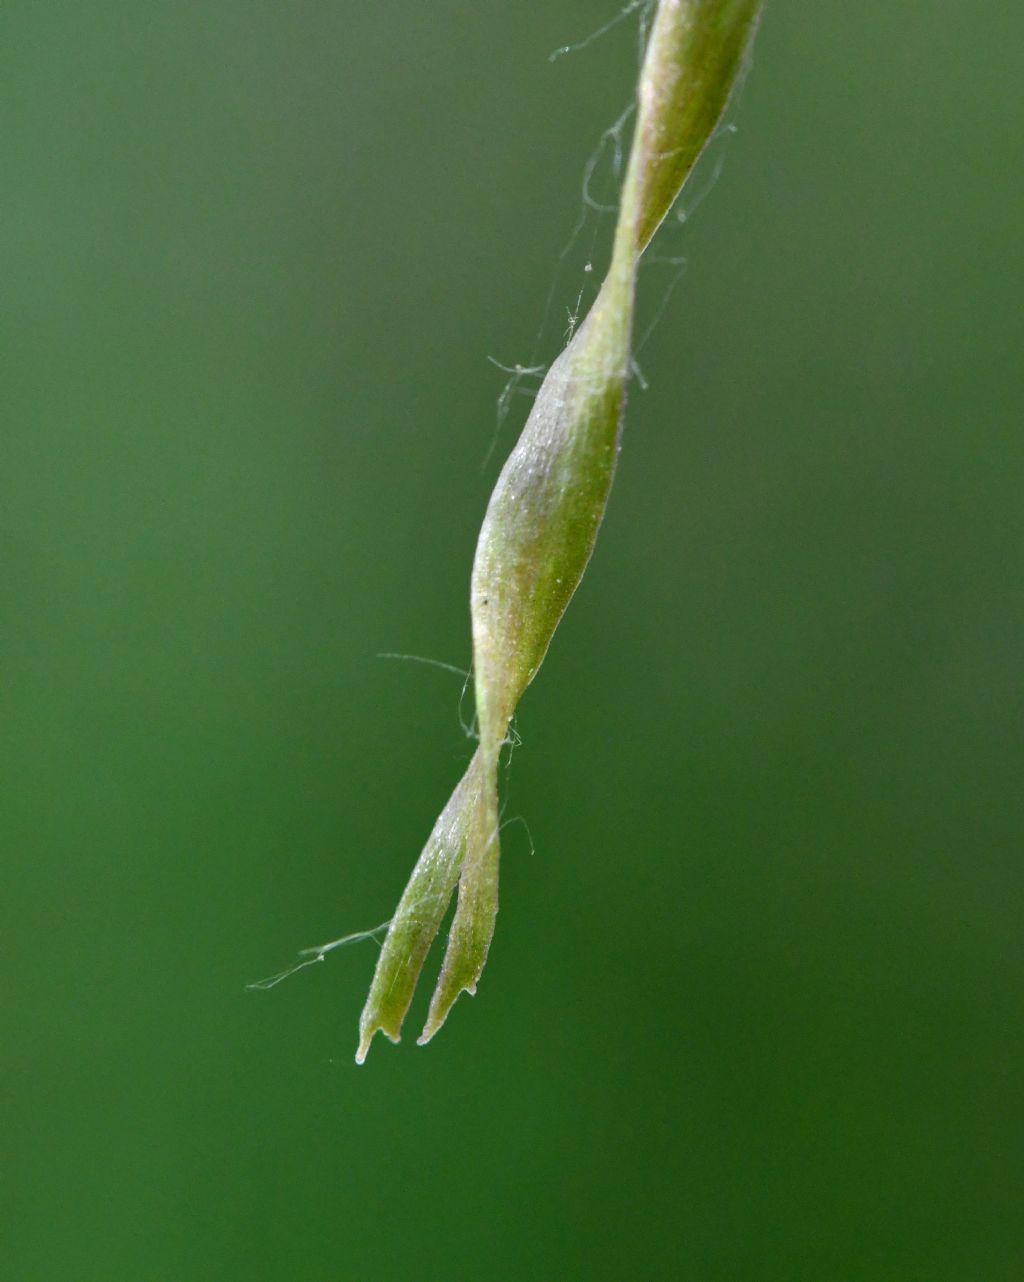 Himantoglossum adriaticum o hircinum?